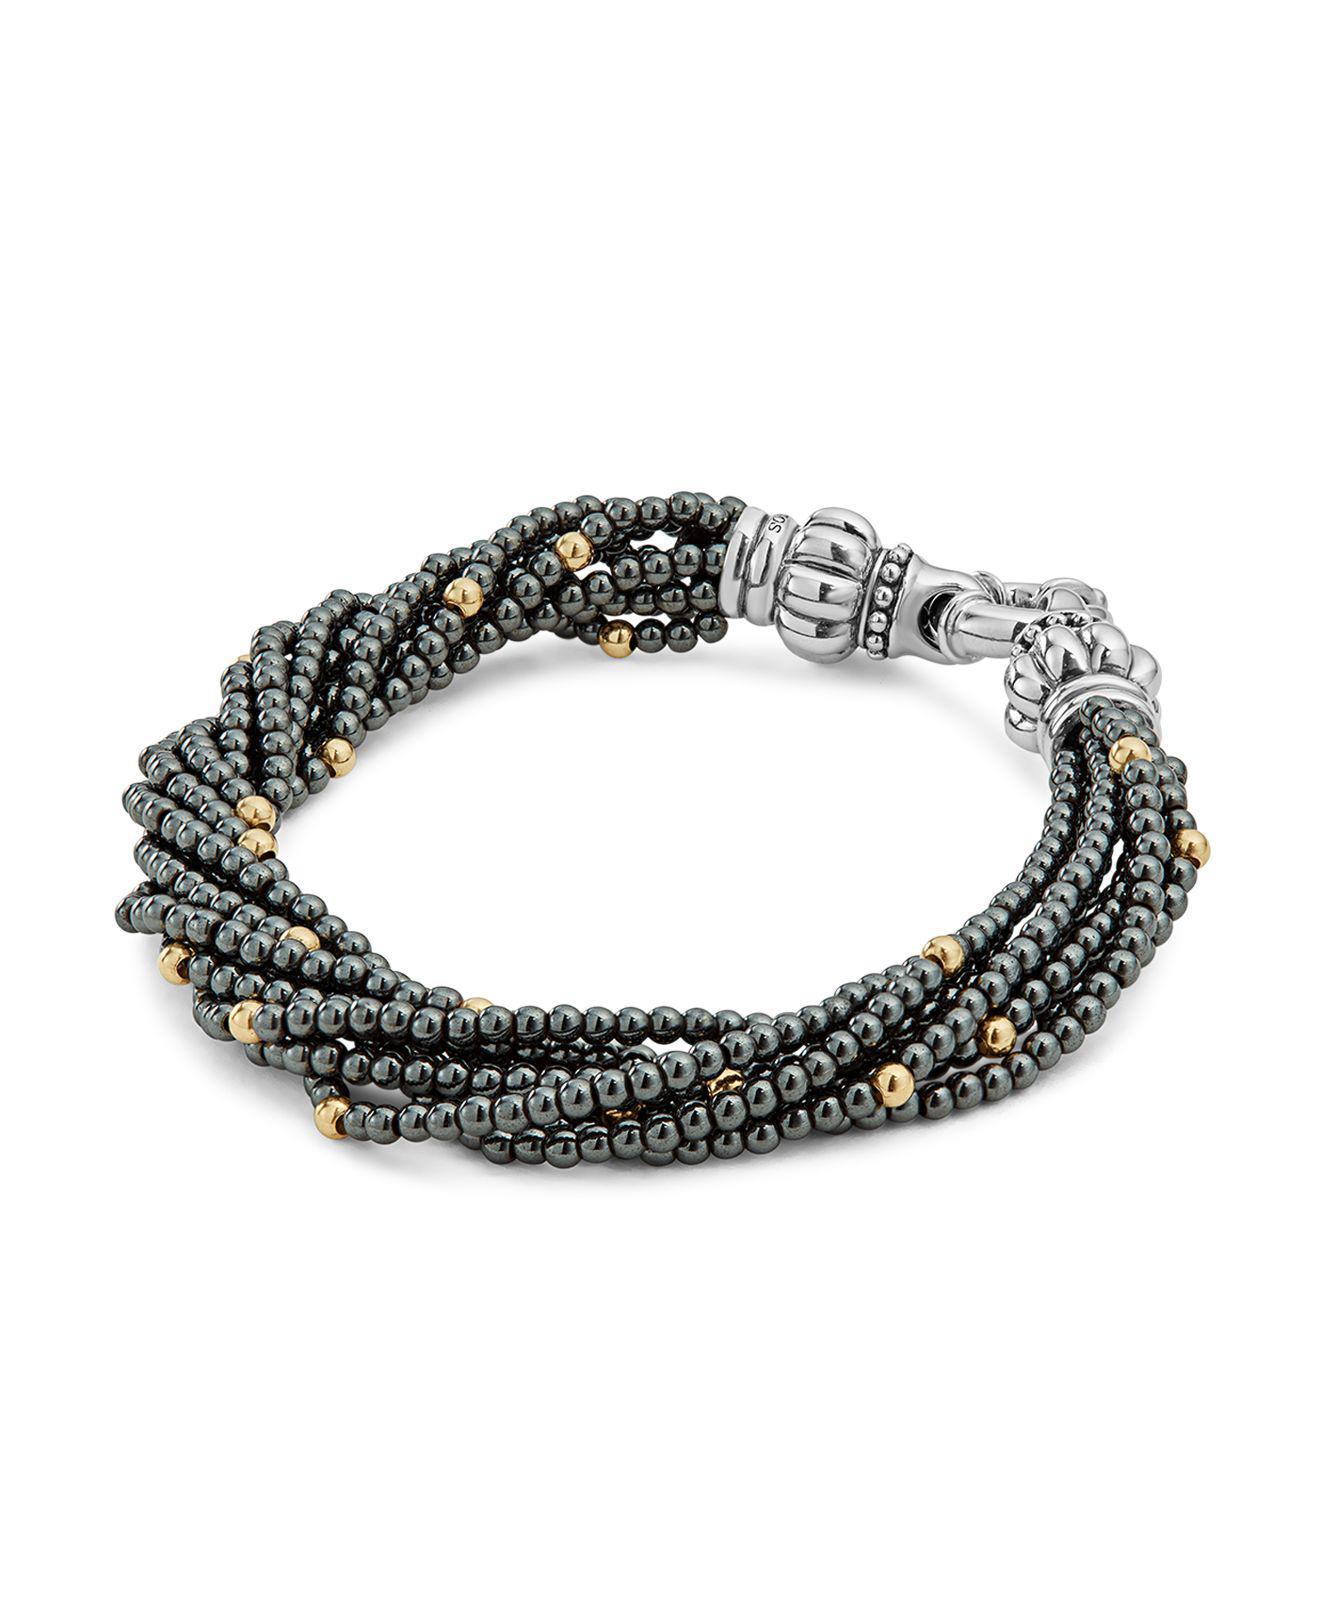 Lagos Caviar Icon Beaded Stretch Bracelet TG4eYAW